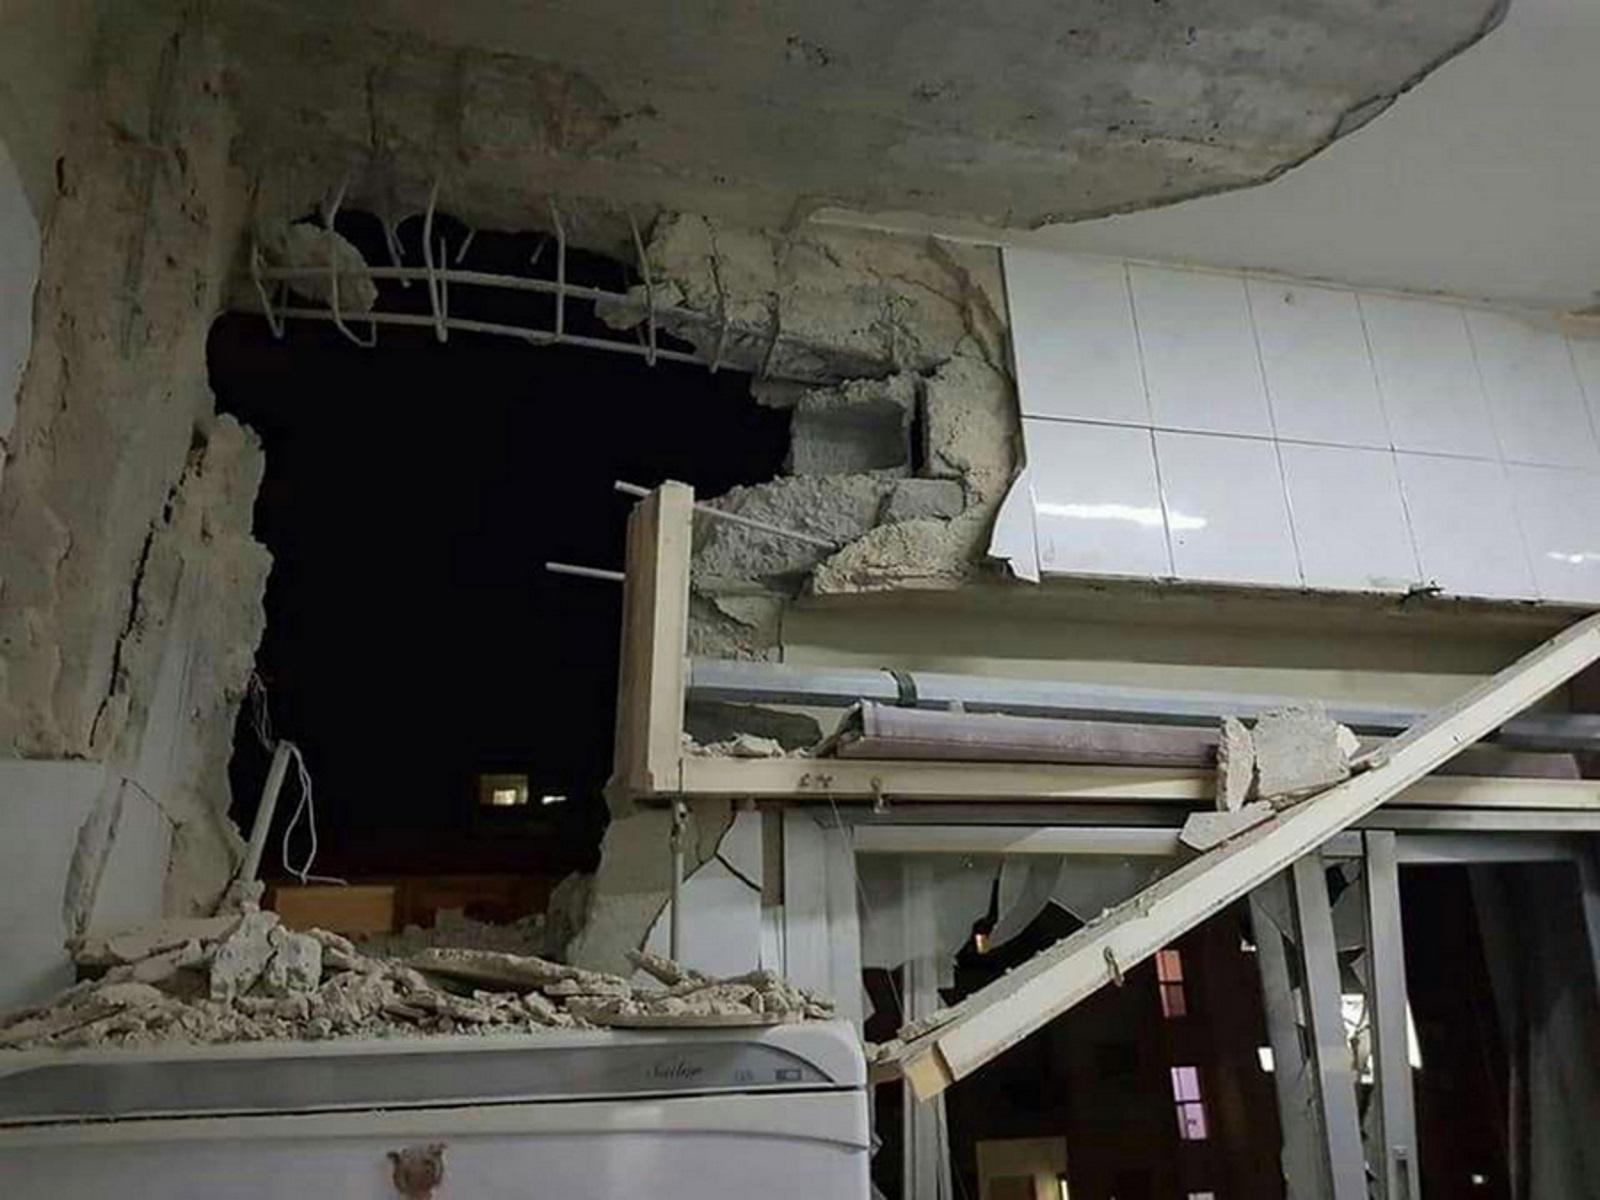 Νεκροί έντεκα μαχητές από το σφυροκόπημα των Ισραηλινών δυνάμεων στη Δαμασκό